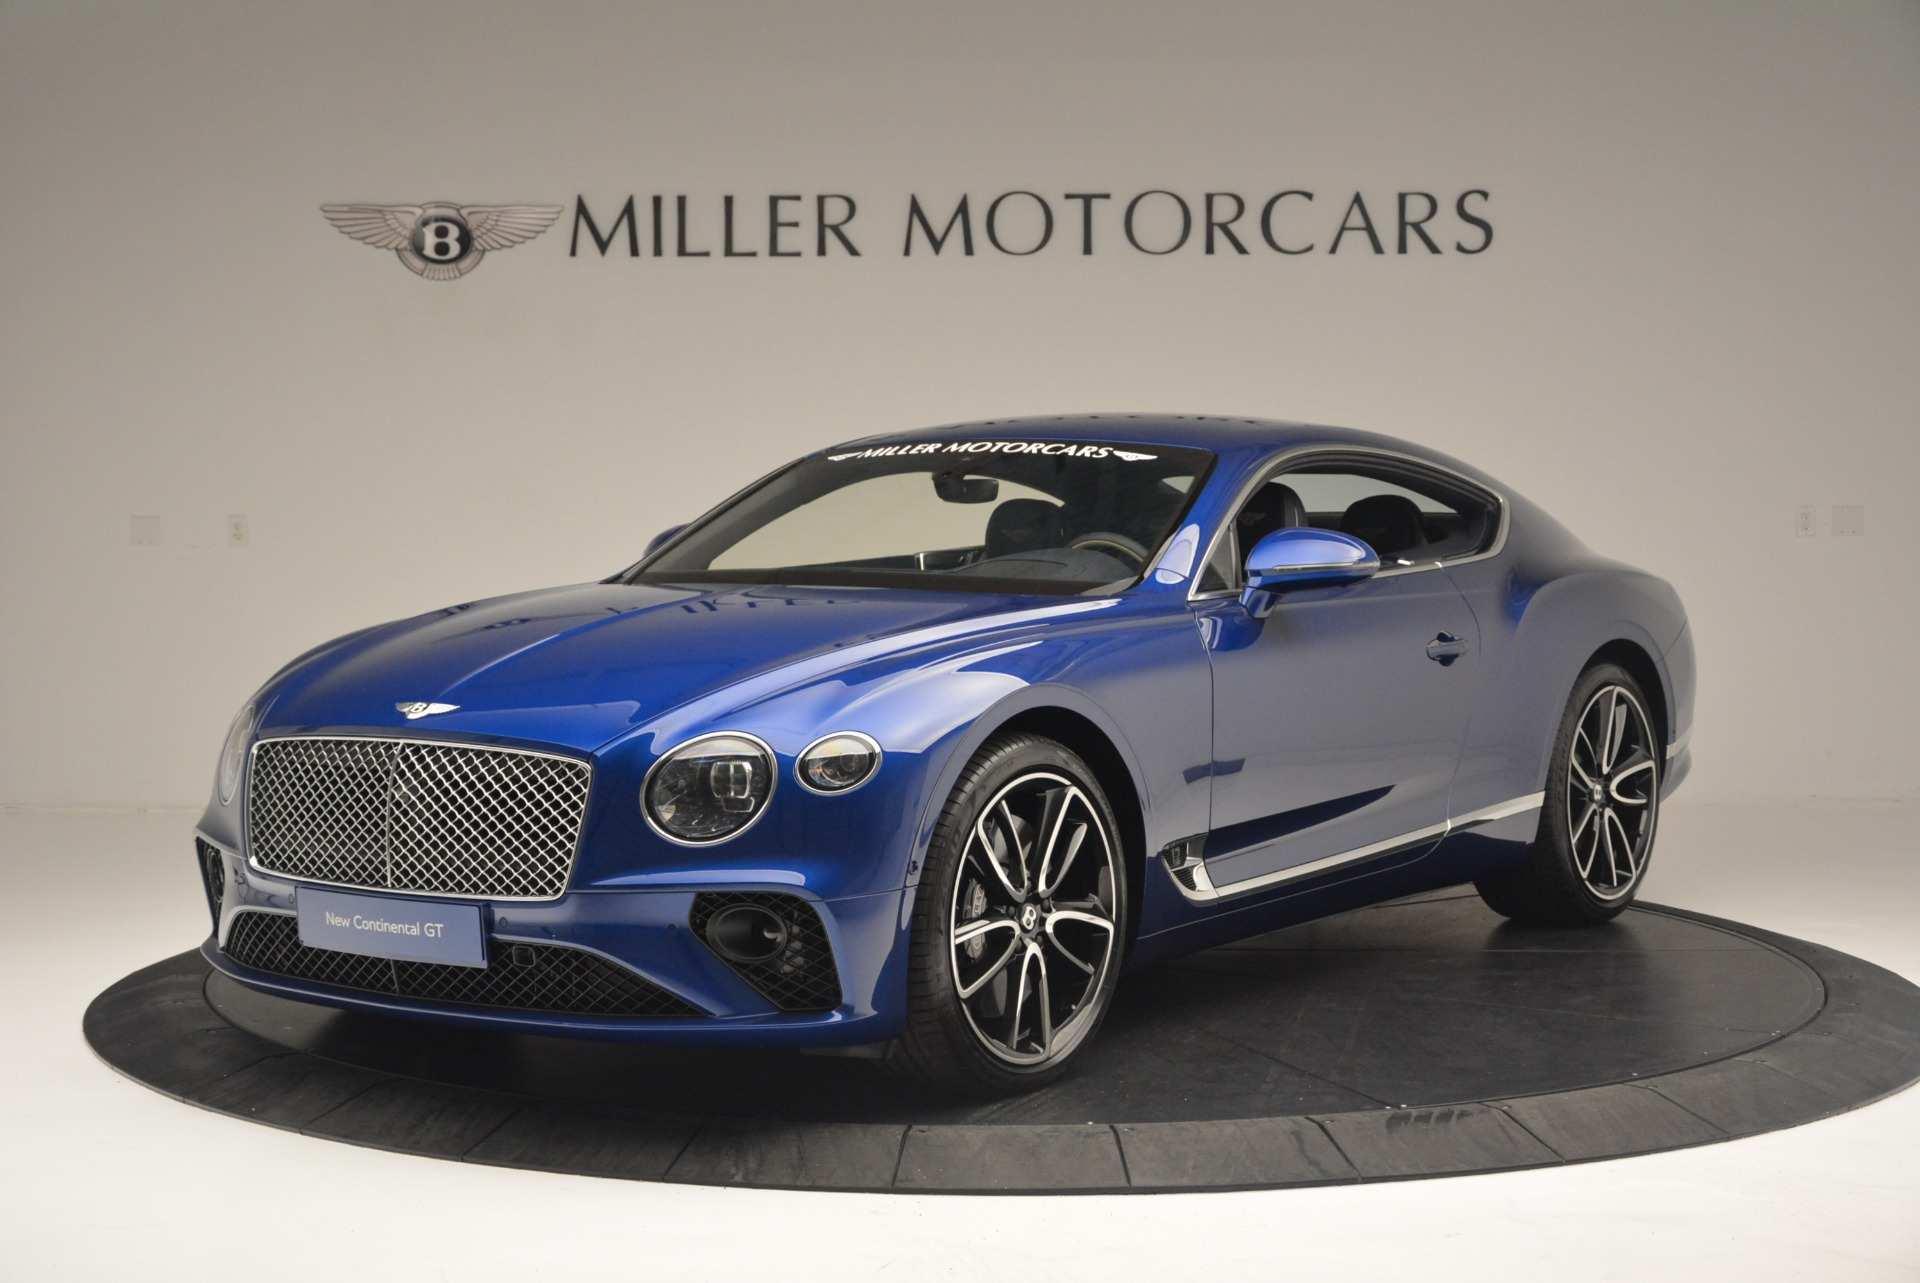 53 New 2020 Bentley Gt Picture with 2020 Bentley Gt